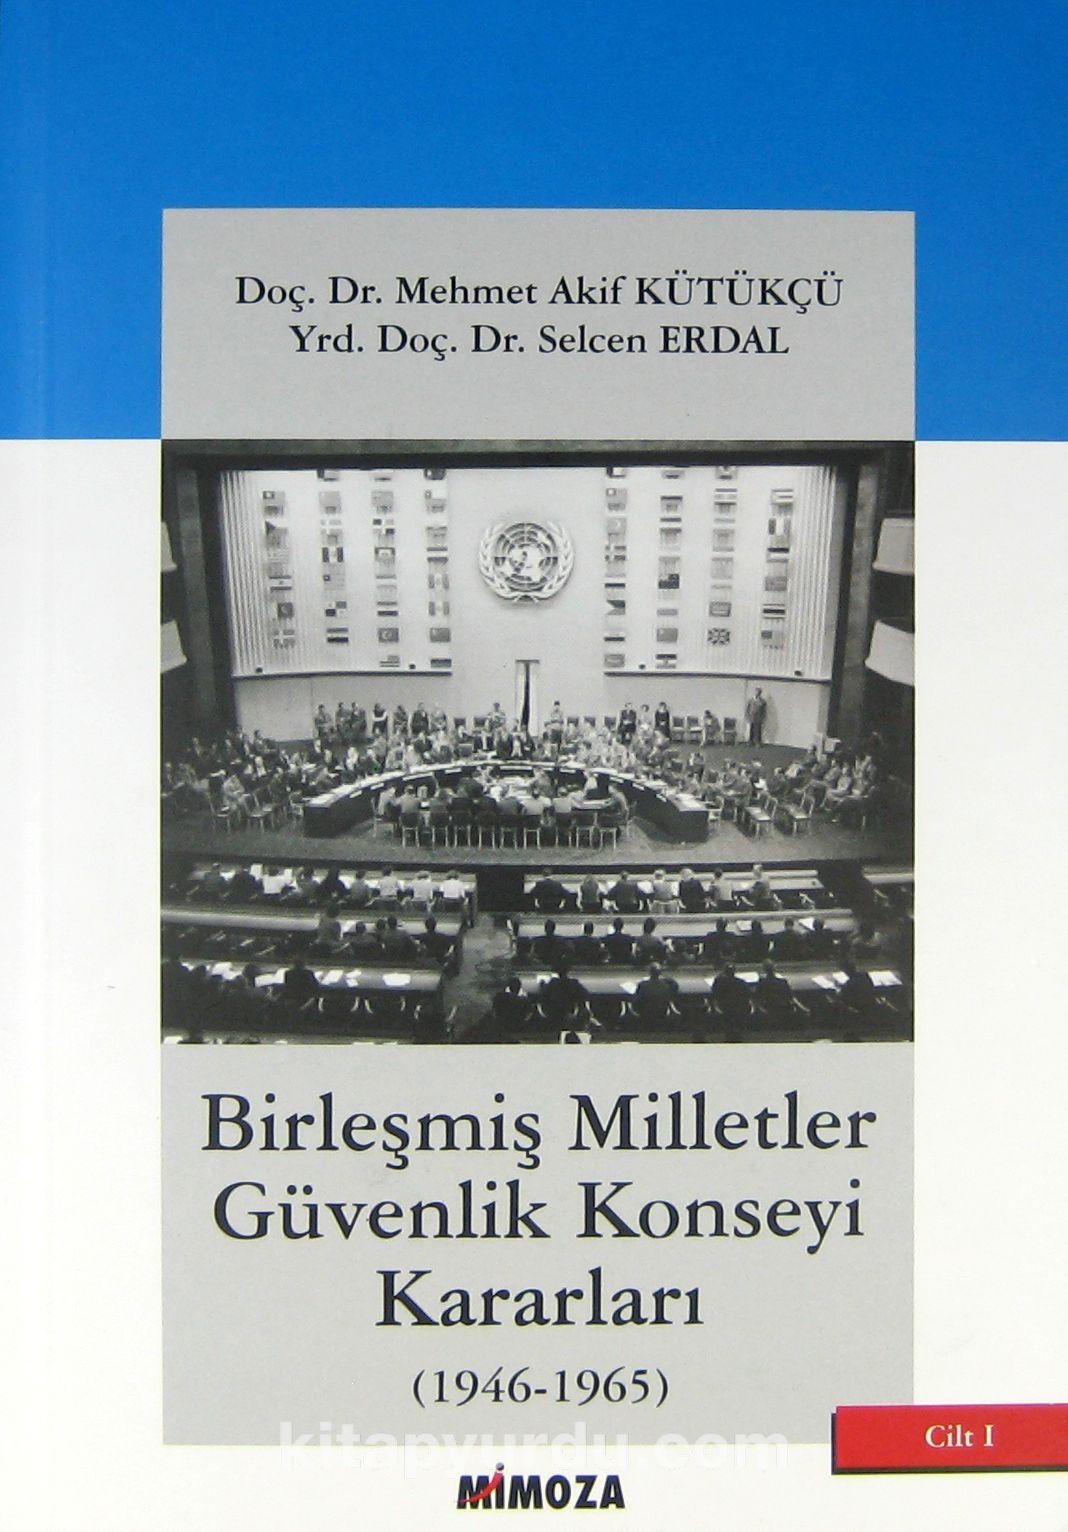 Birleşmiş Milletler Güvenlik Konseyi Kararları (1946-1965) 1. Cilt - Doç. Dr. Mehmet Akif Kütükçü pdf epub